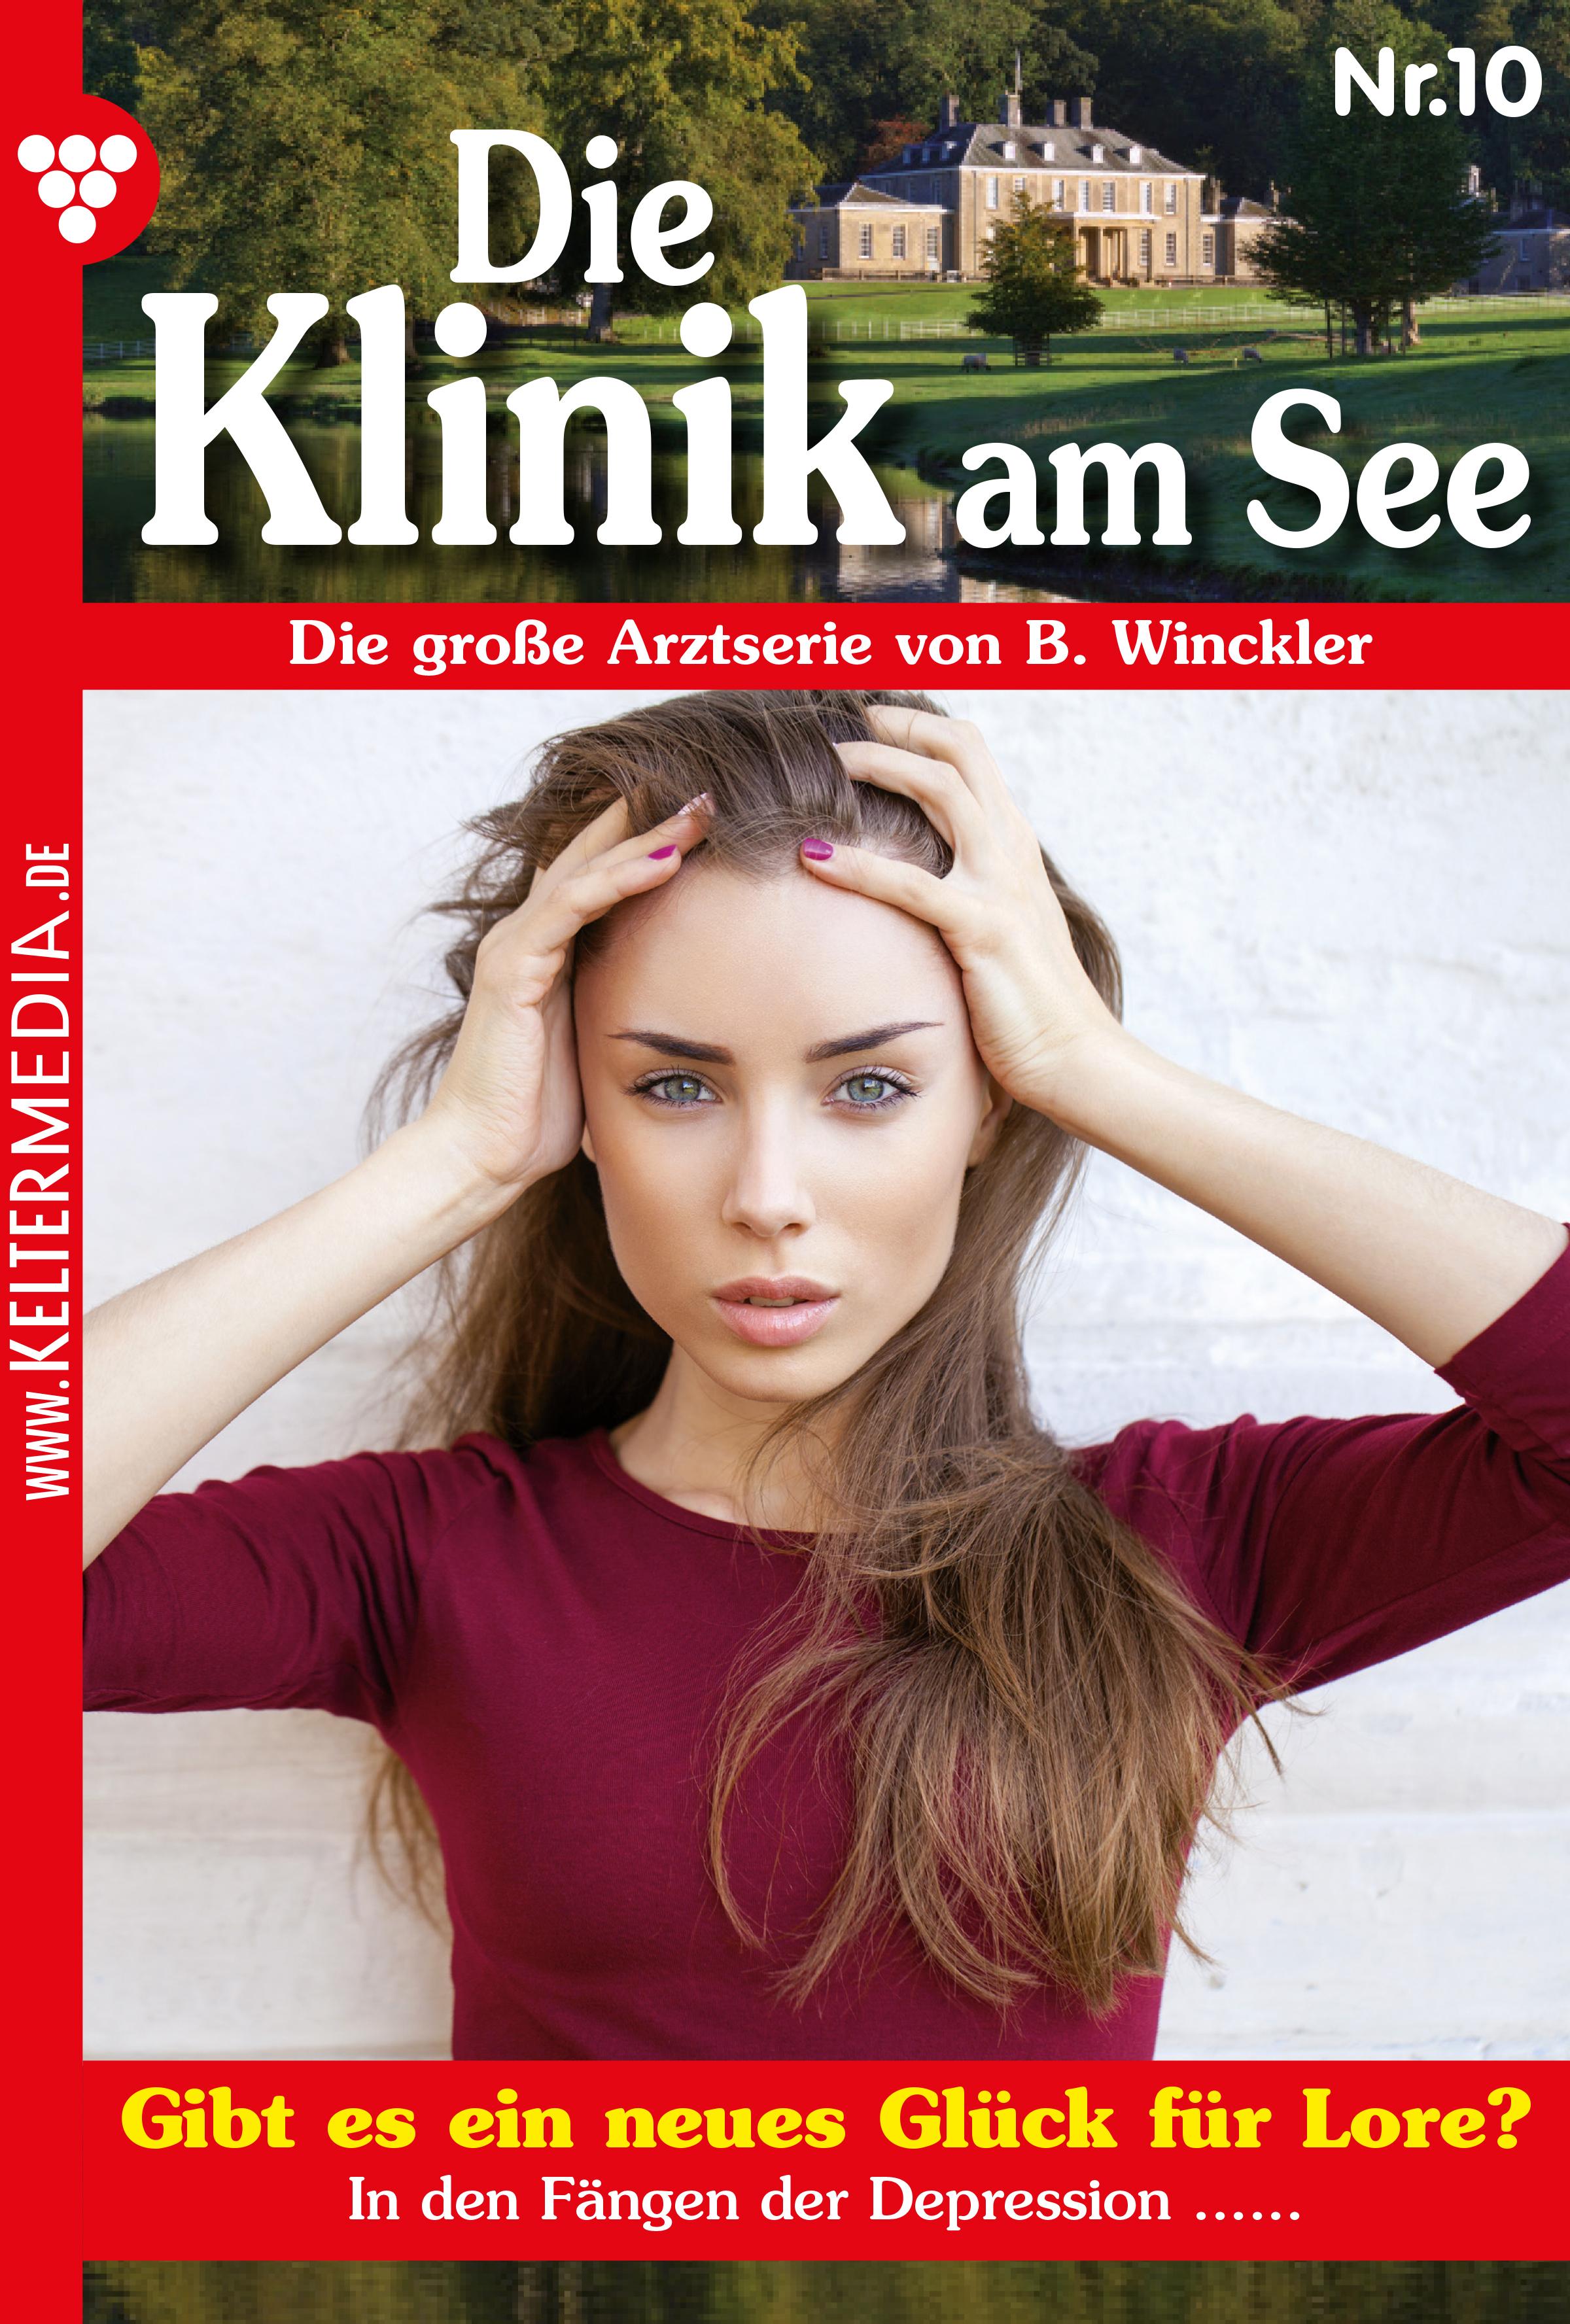 Britta Winckler Die Klinik am See 10 – Arztroman b winckler die klinik am see 19 – arztroman